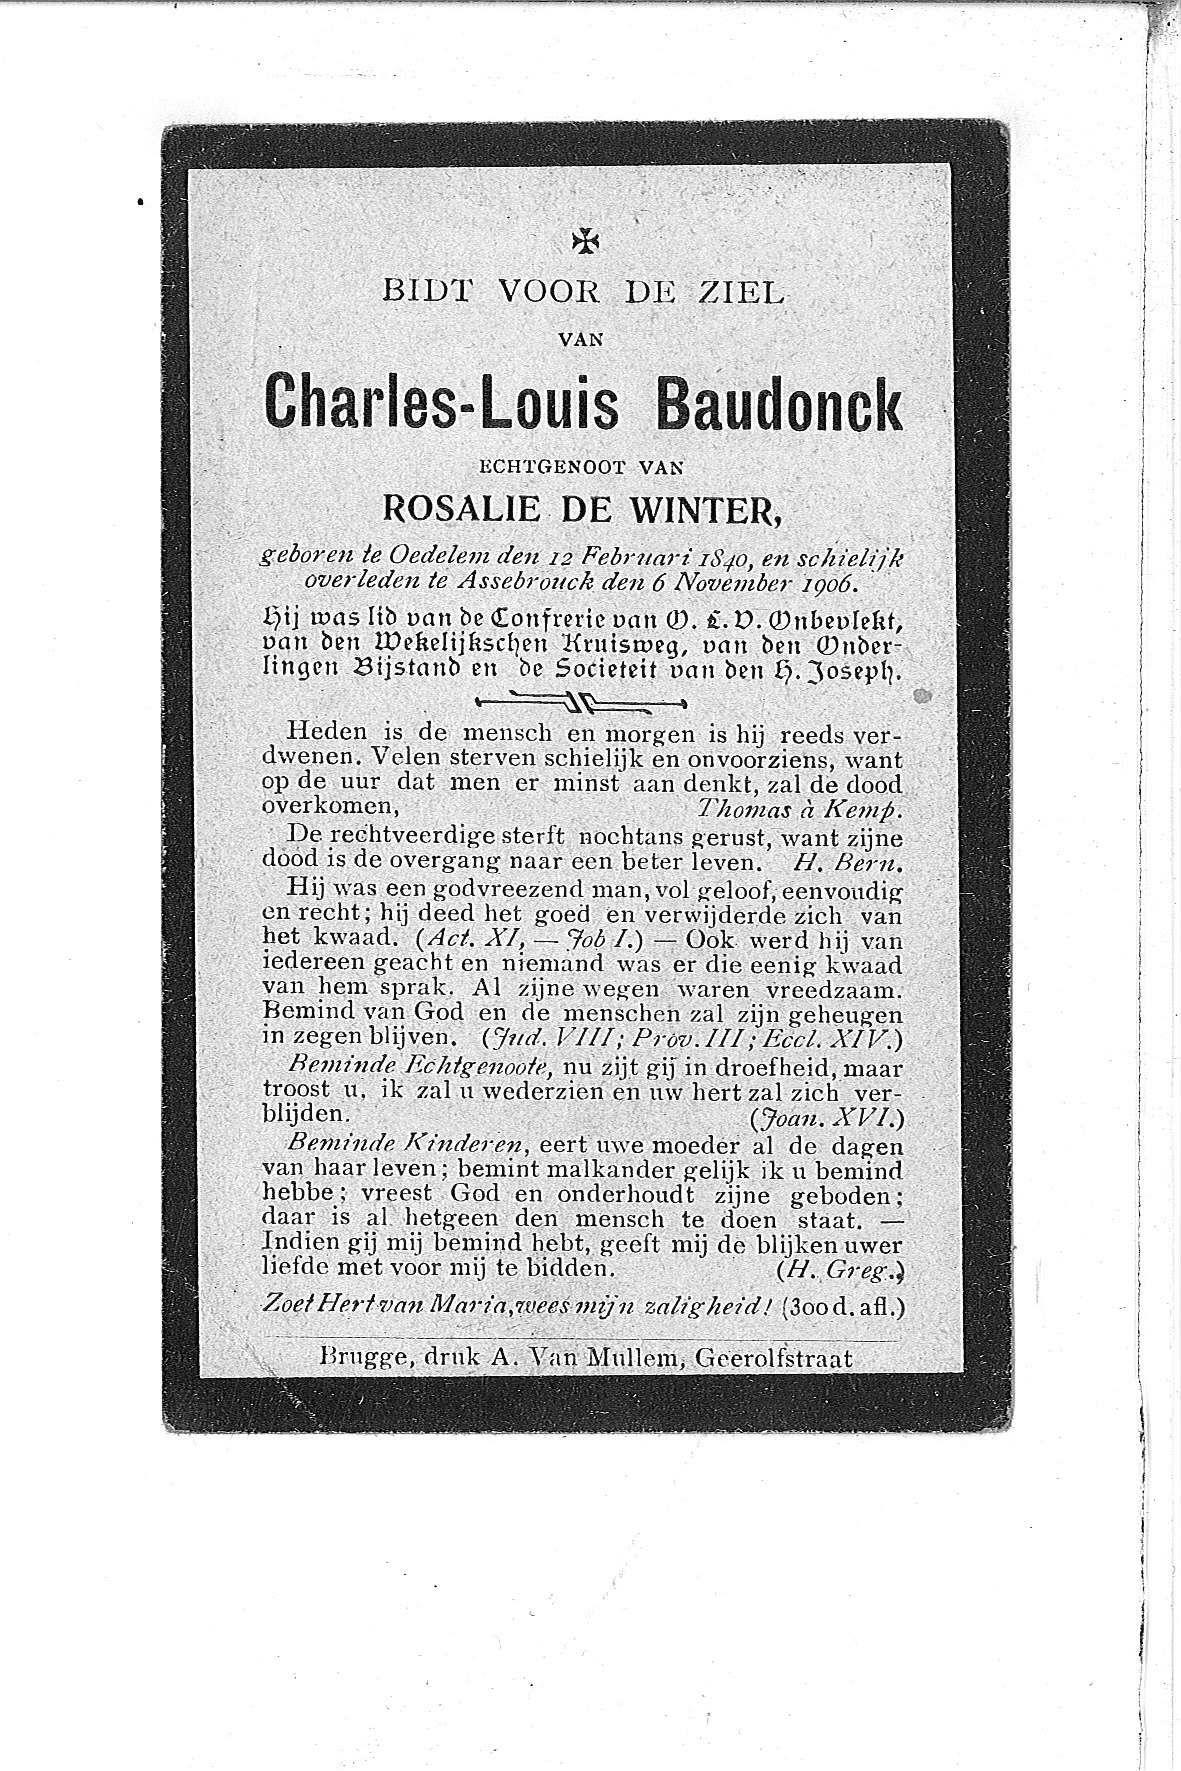 Charles-Louis(1906)20101022102156_00013.jpg